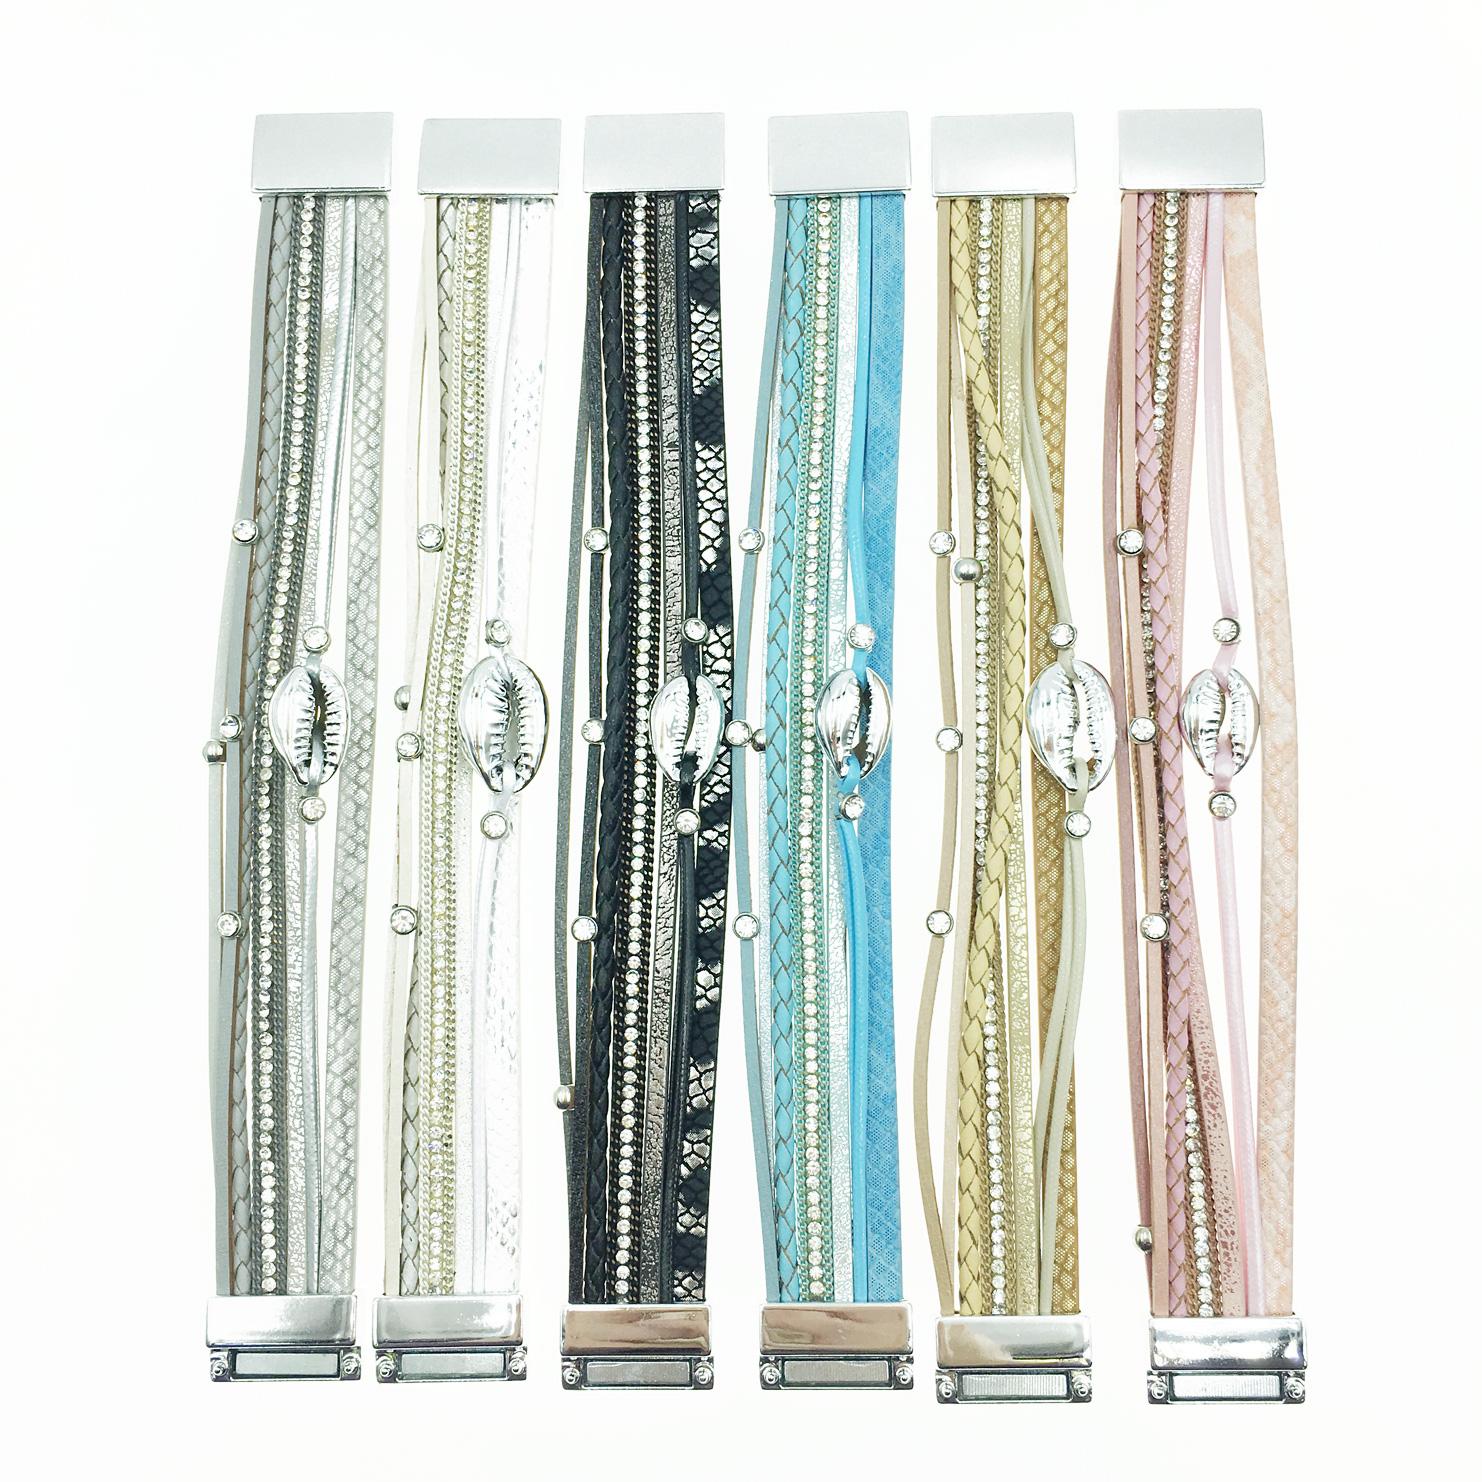 韓國 皮革 水鑽 線繩 個性款 6色 磁鐵手環